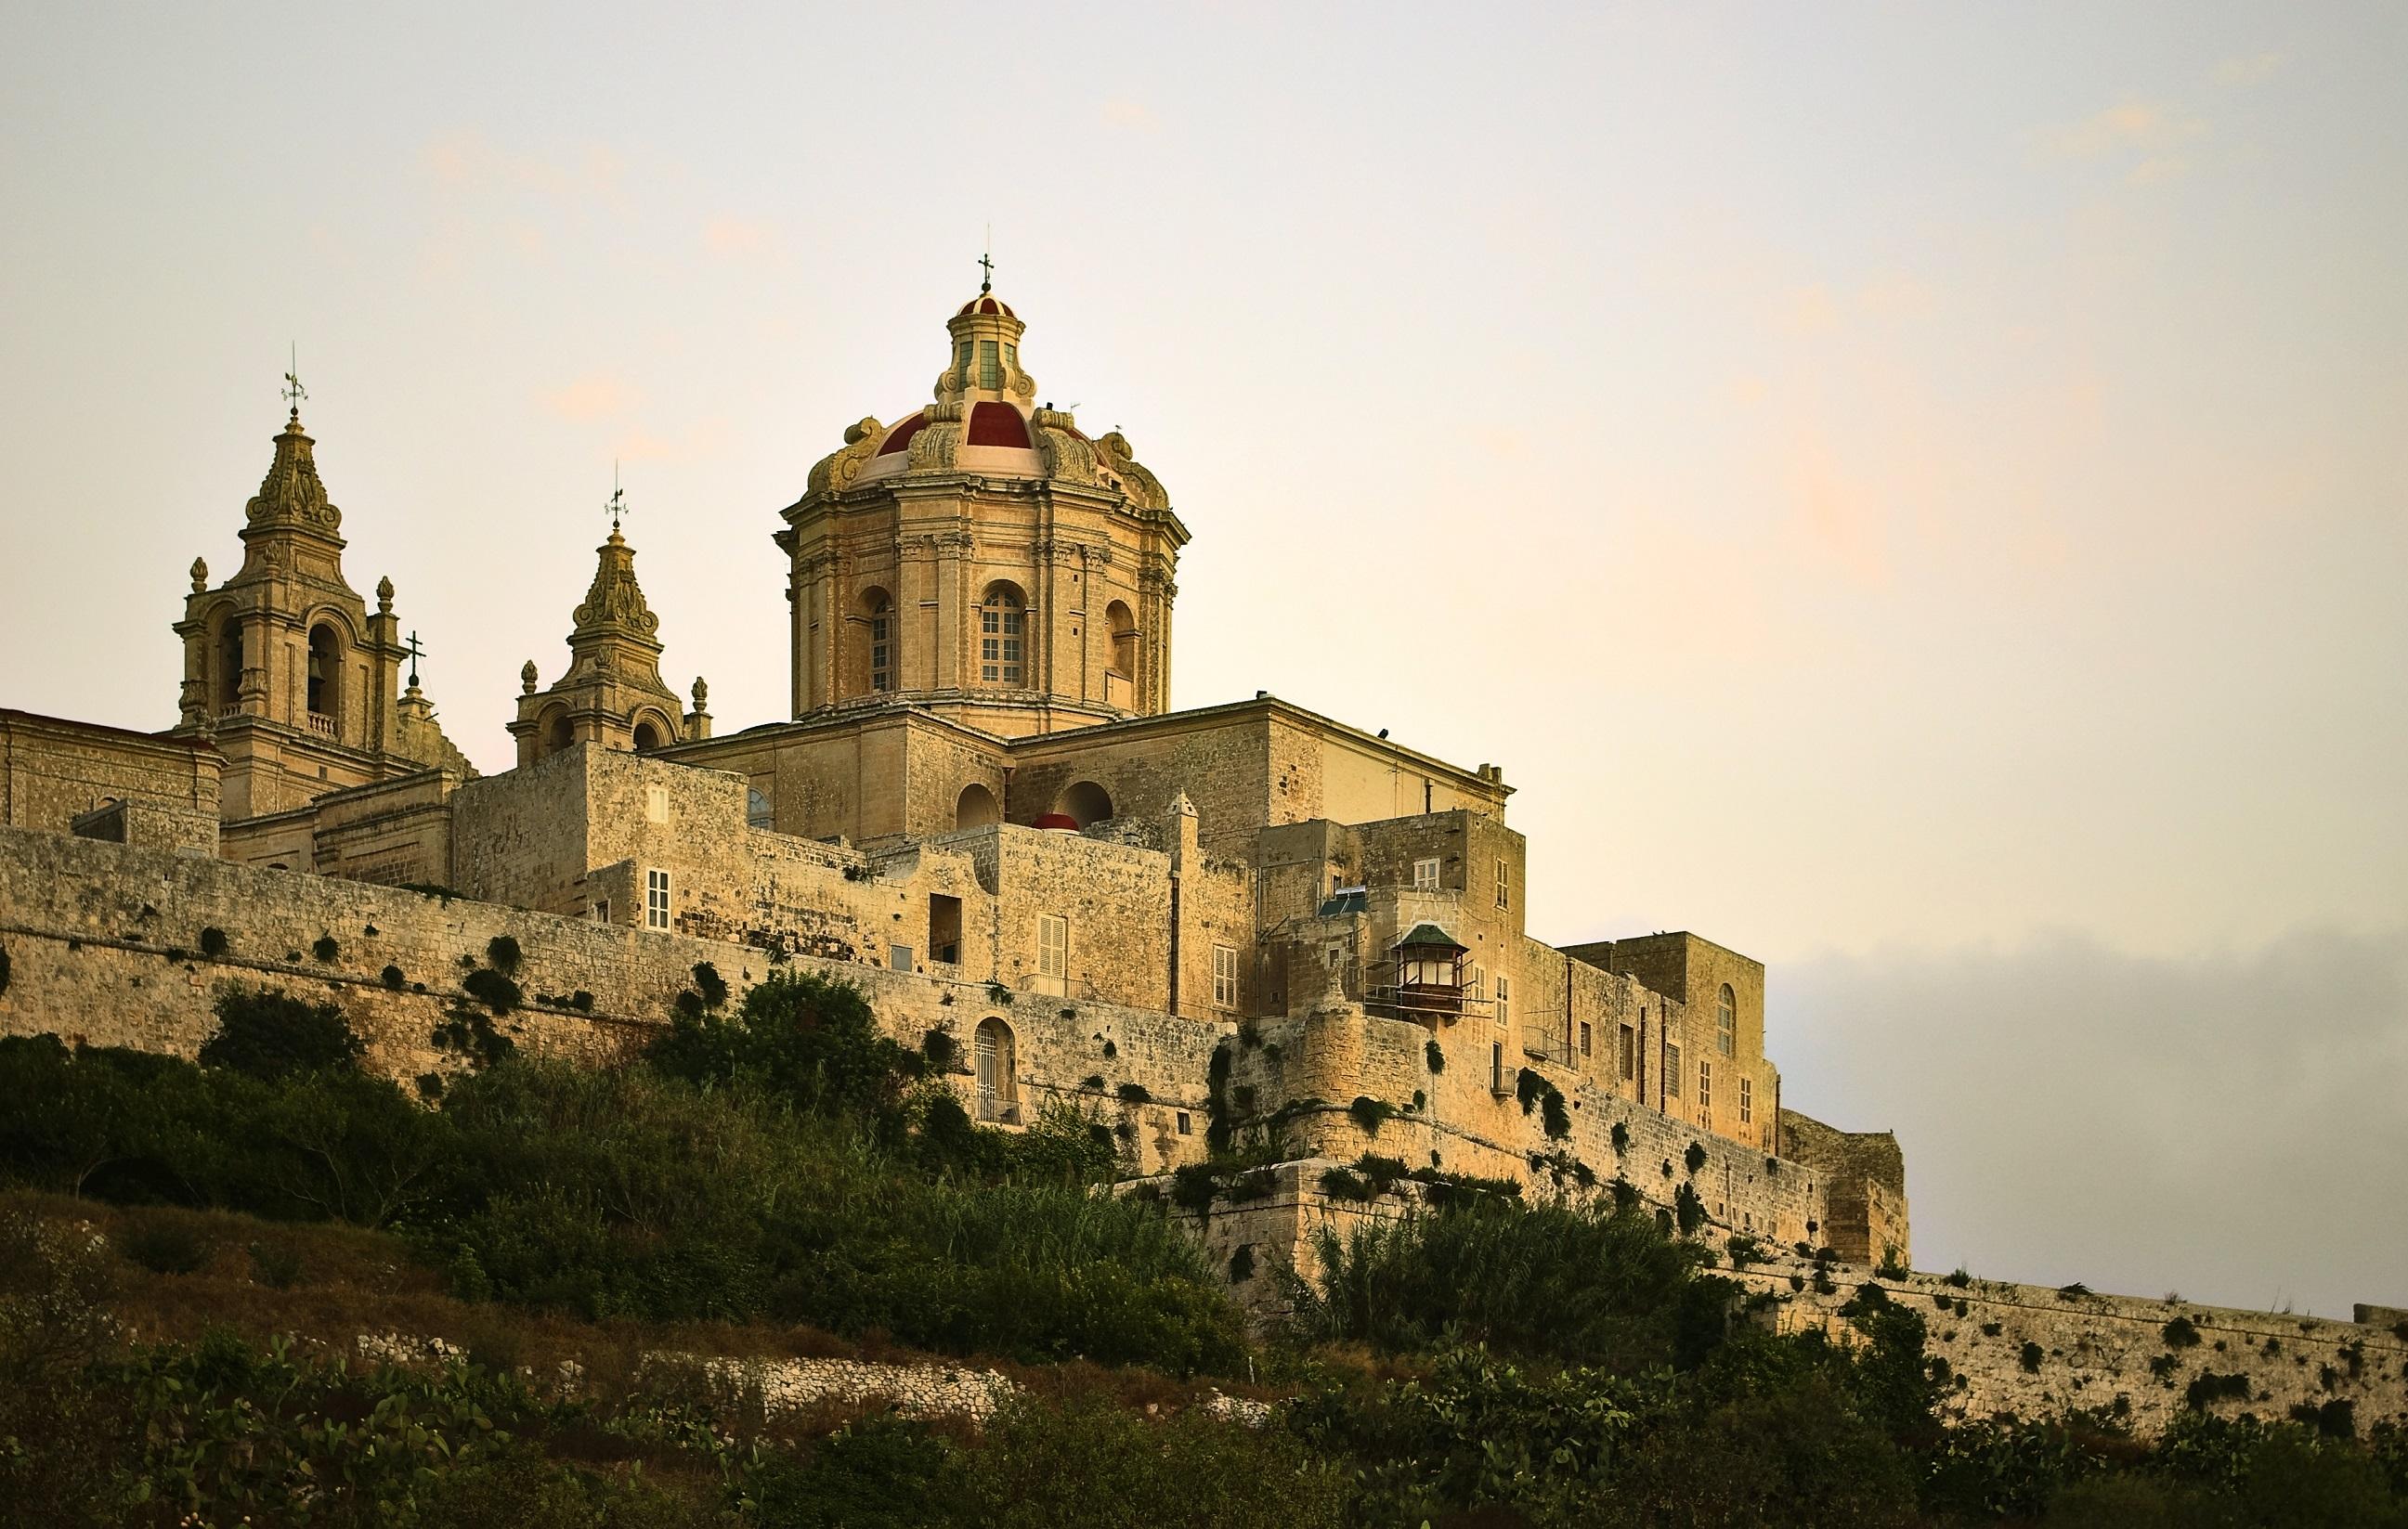 hoteles en castillos Palacio Xara, Malta